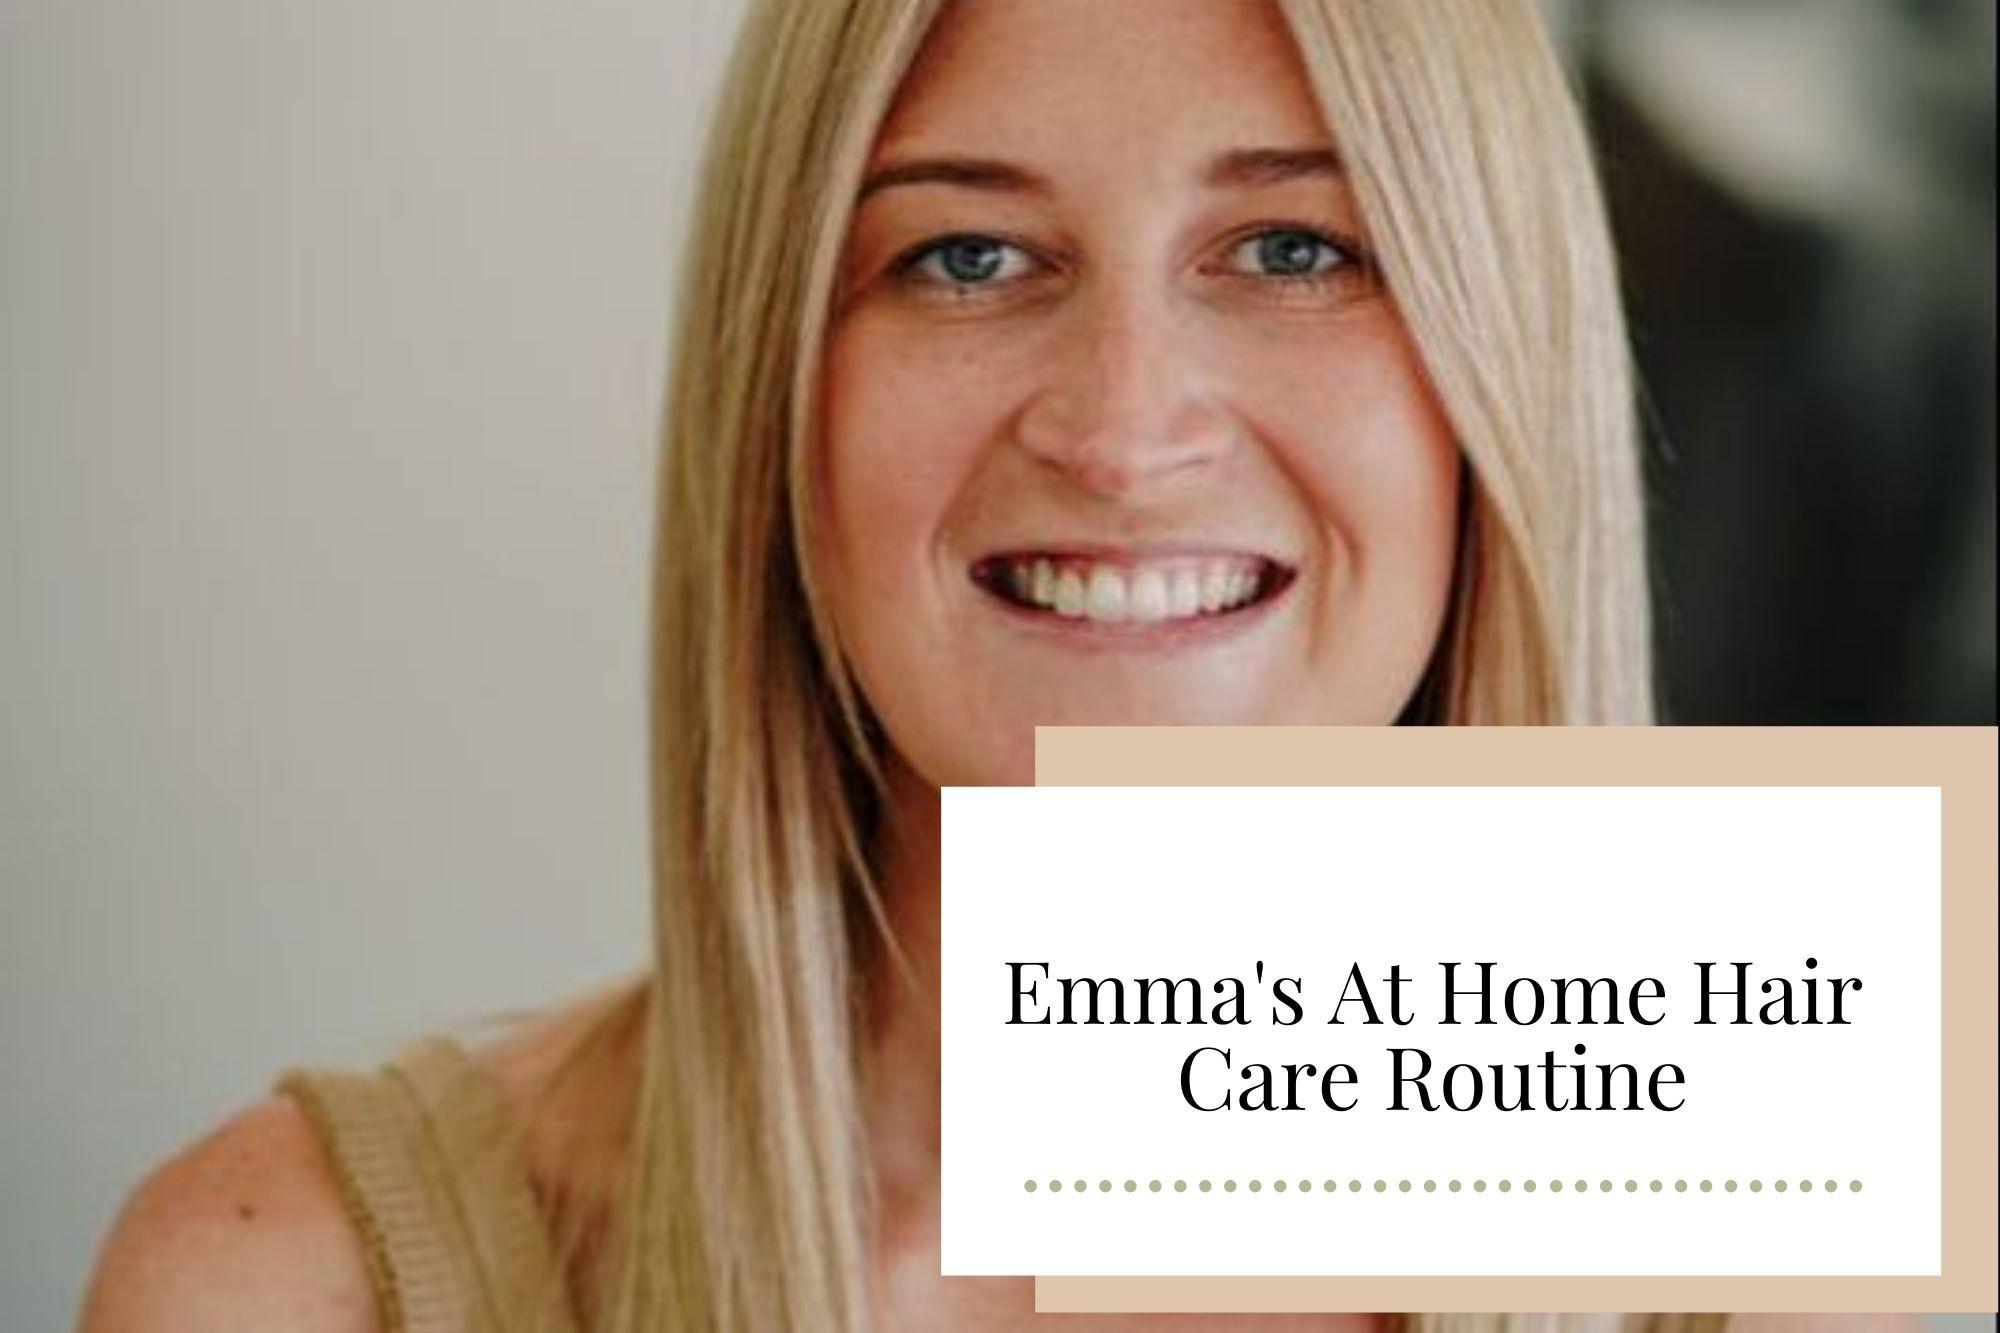 Emma's At Home Hair Care Routine - Newcastle Hair Salon - Blanc Hair Studio